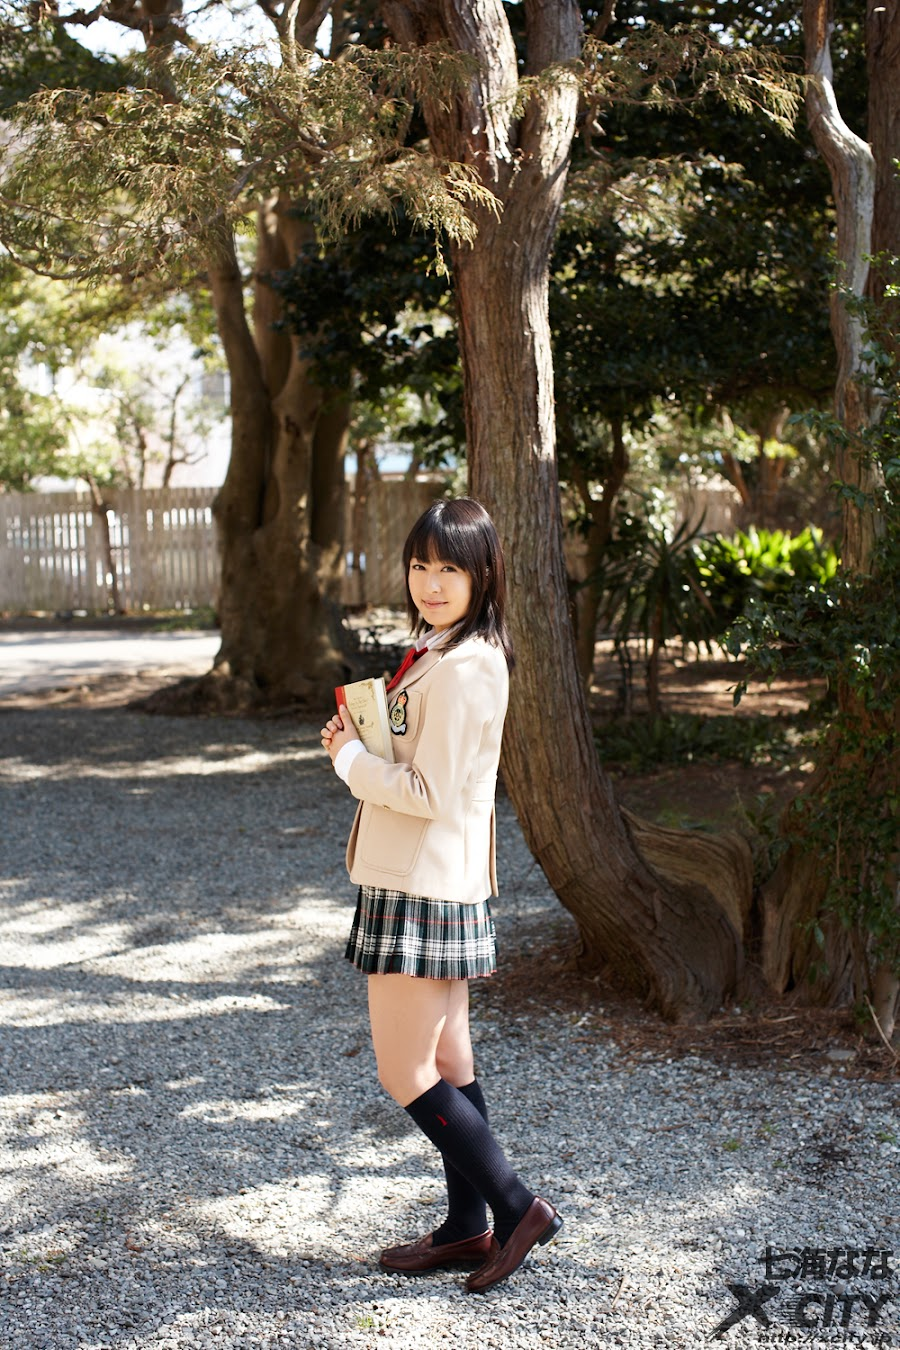 Nana Nanaumi - Japanese AV Idol